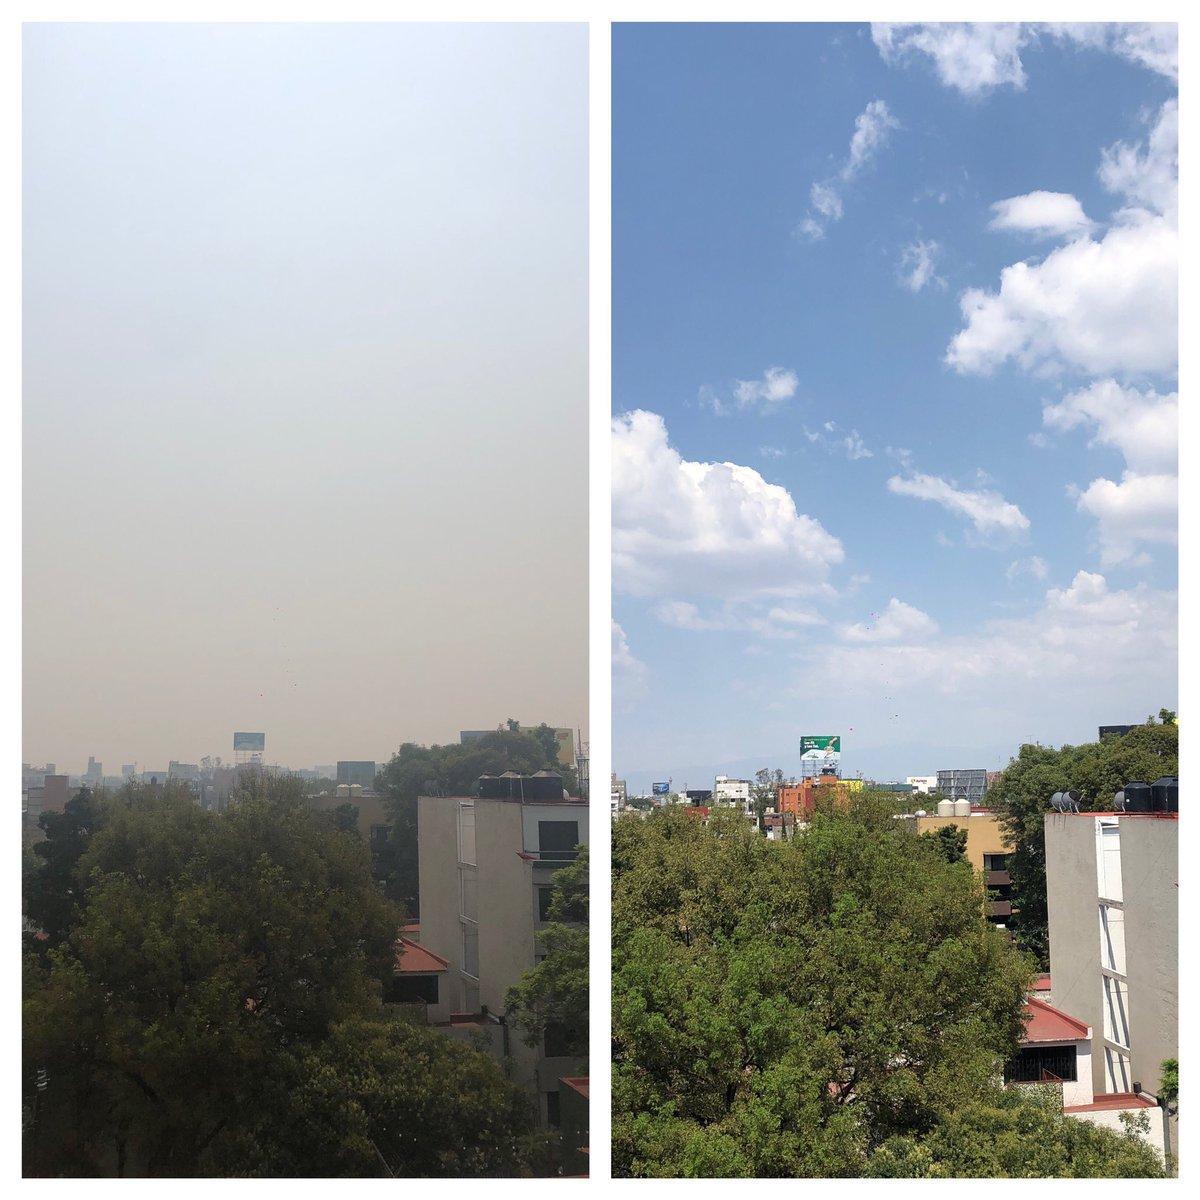 9 days ago vs. today #CDMX